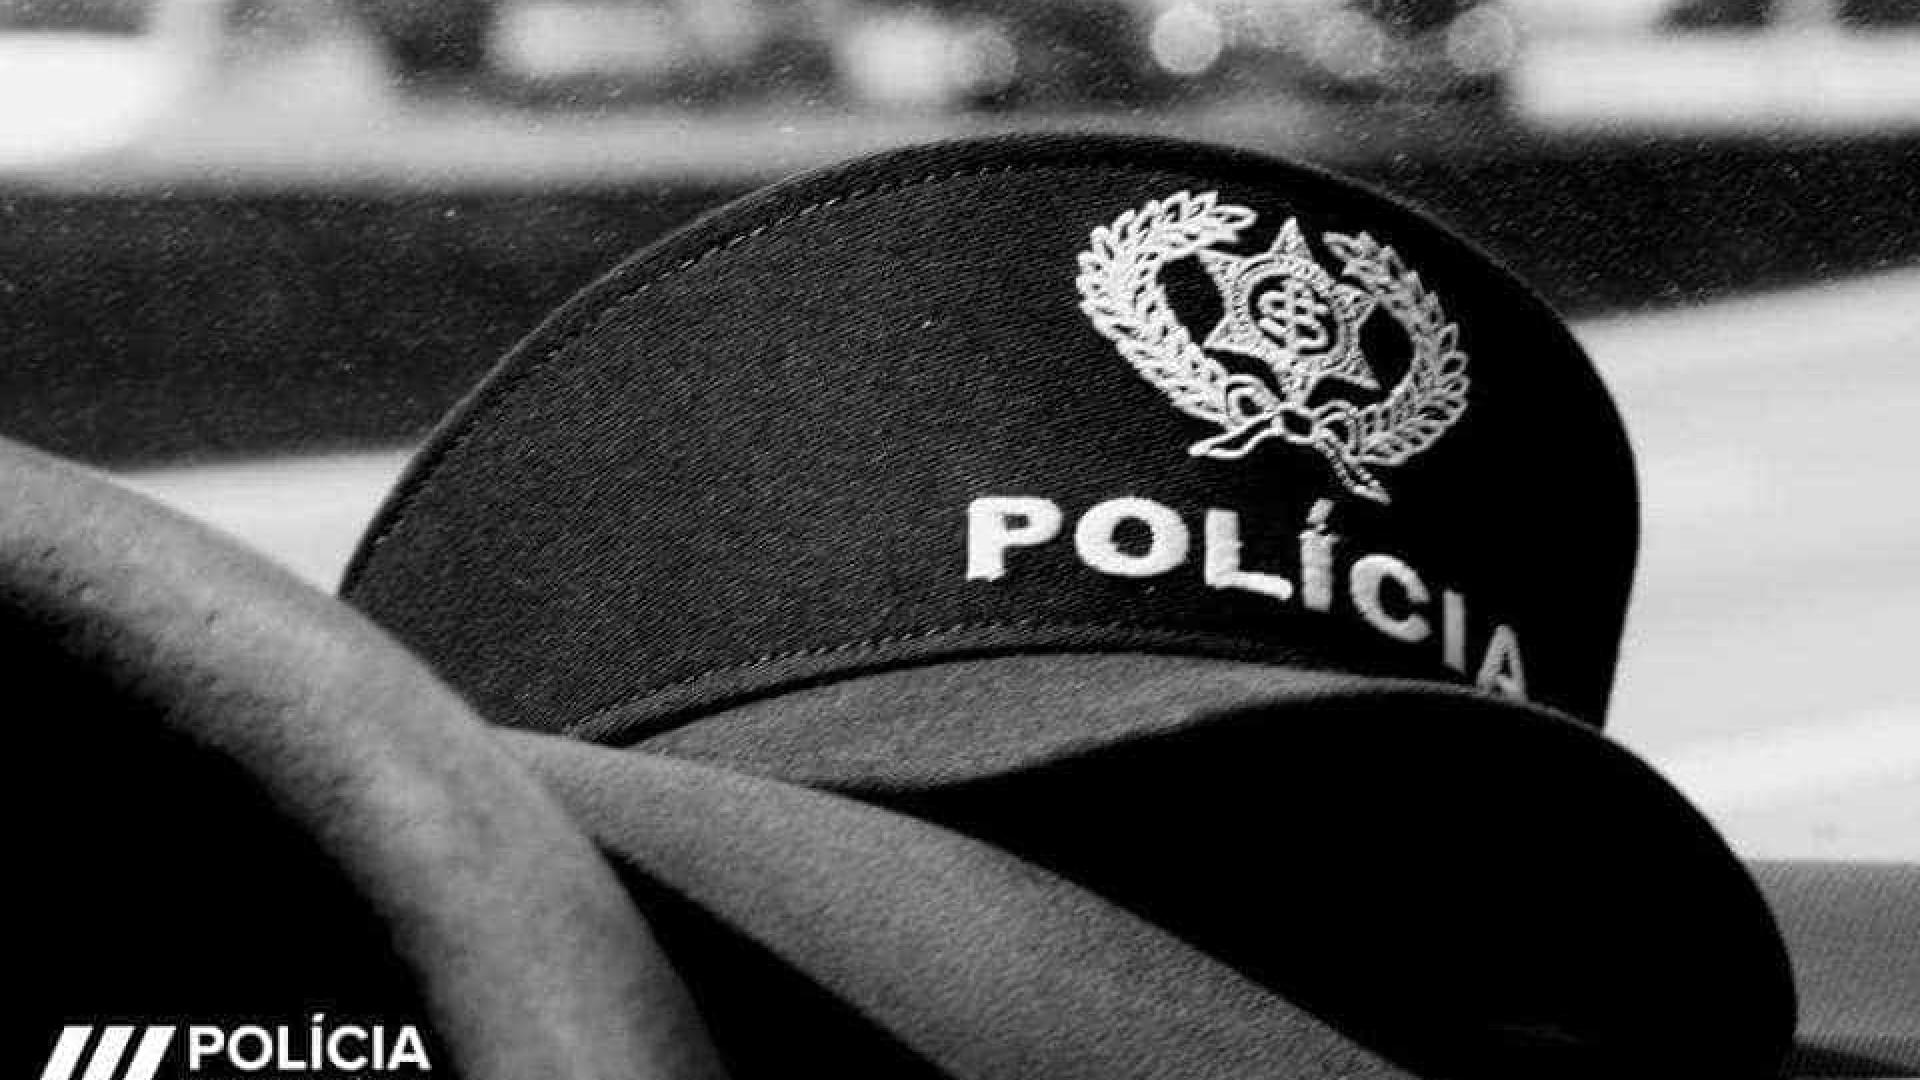 Polícia suicida-se com arma de serviço. Vai ser pedida uma investigação